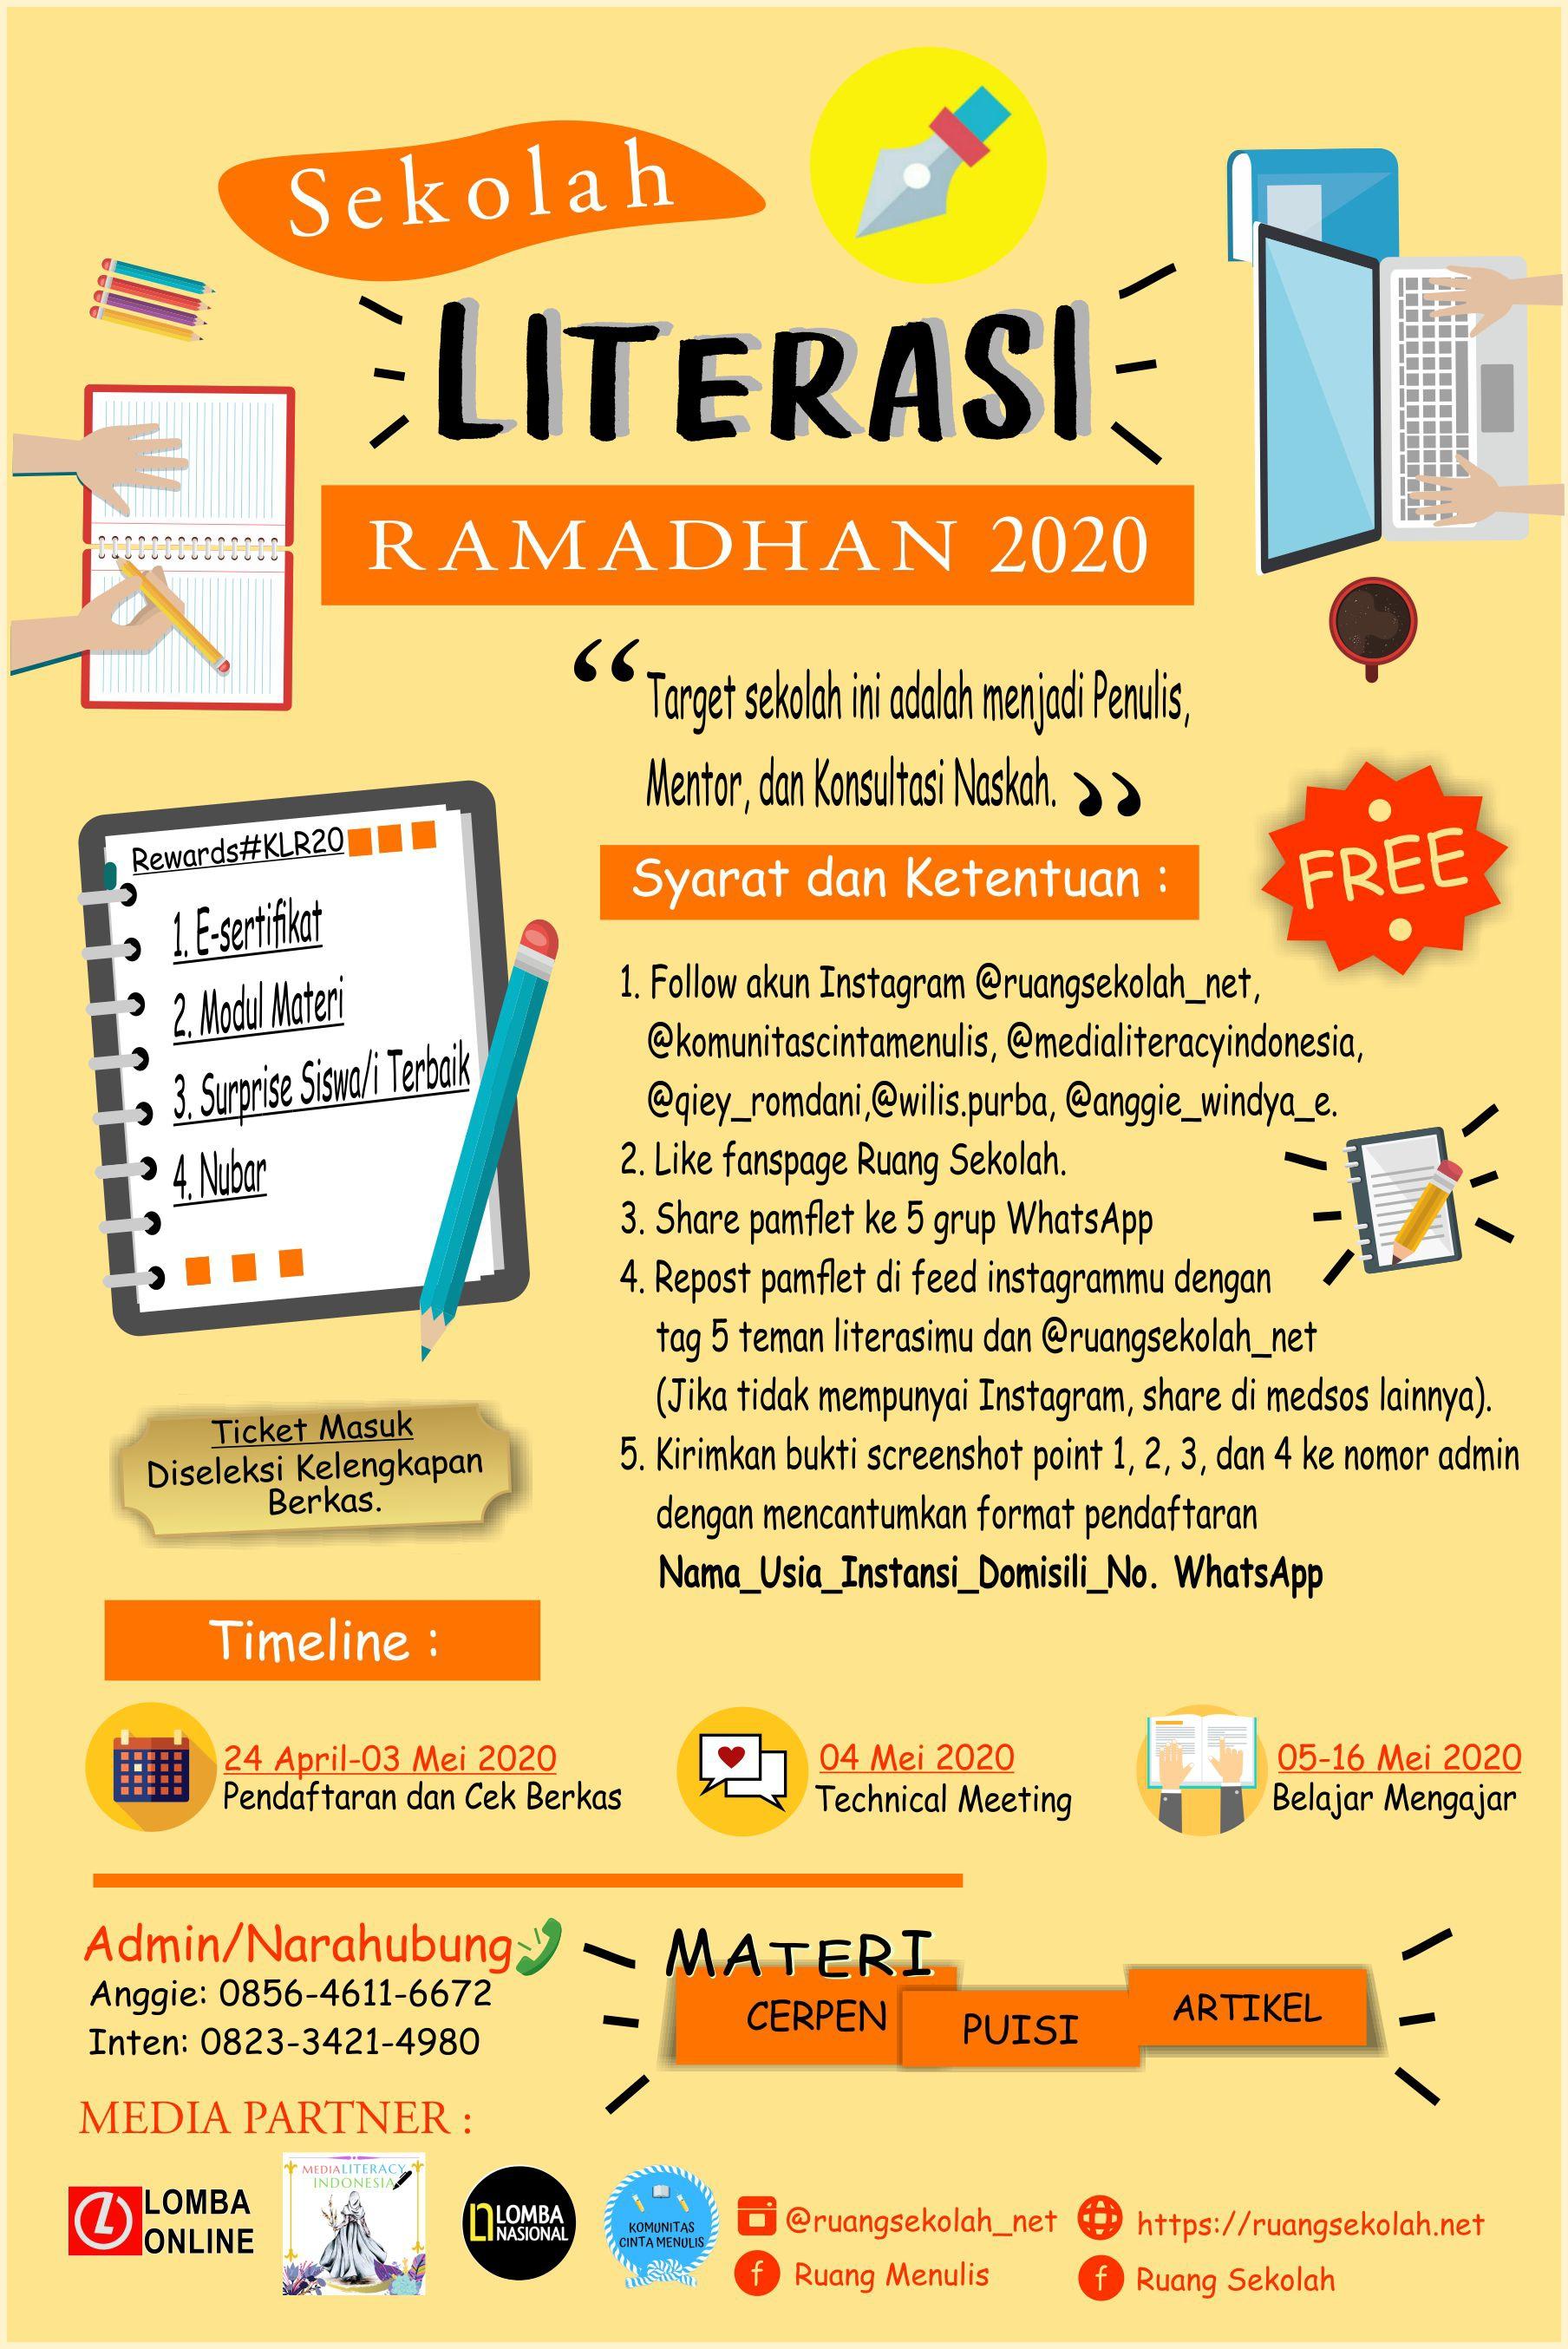 Sekolah Literasi Ramadhan